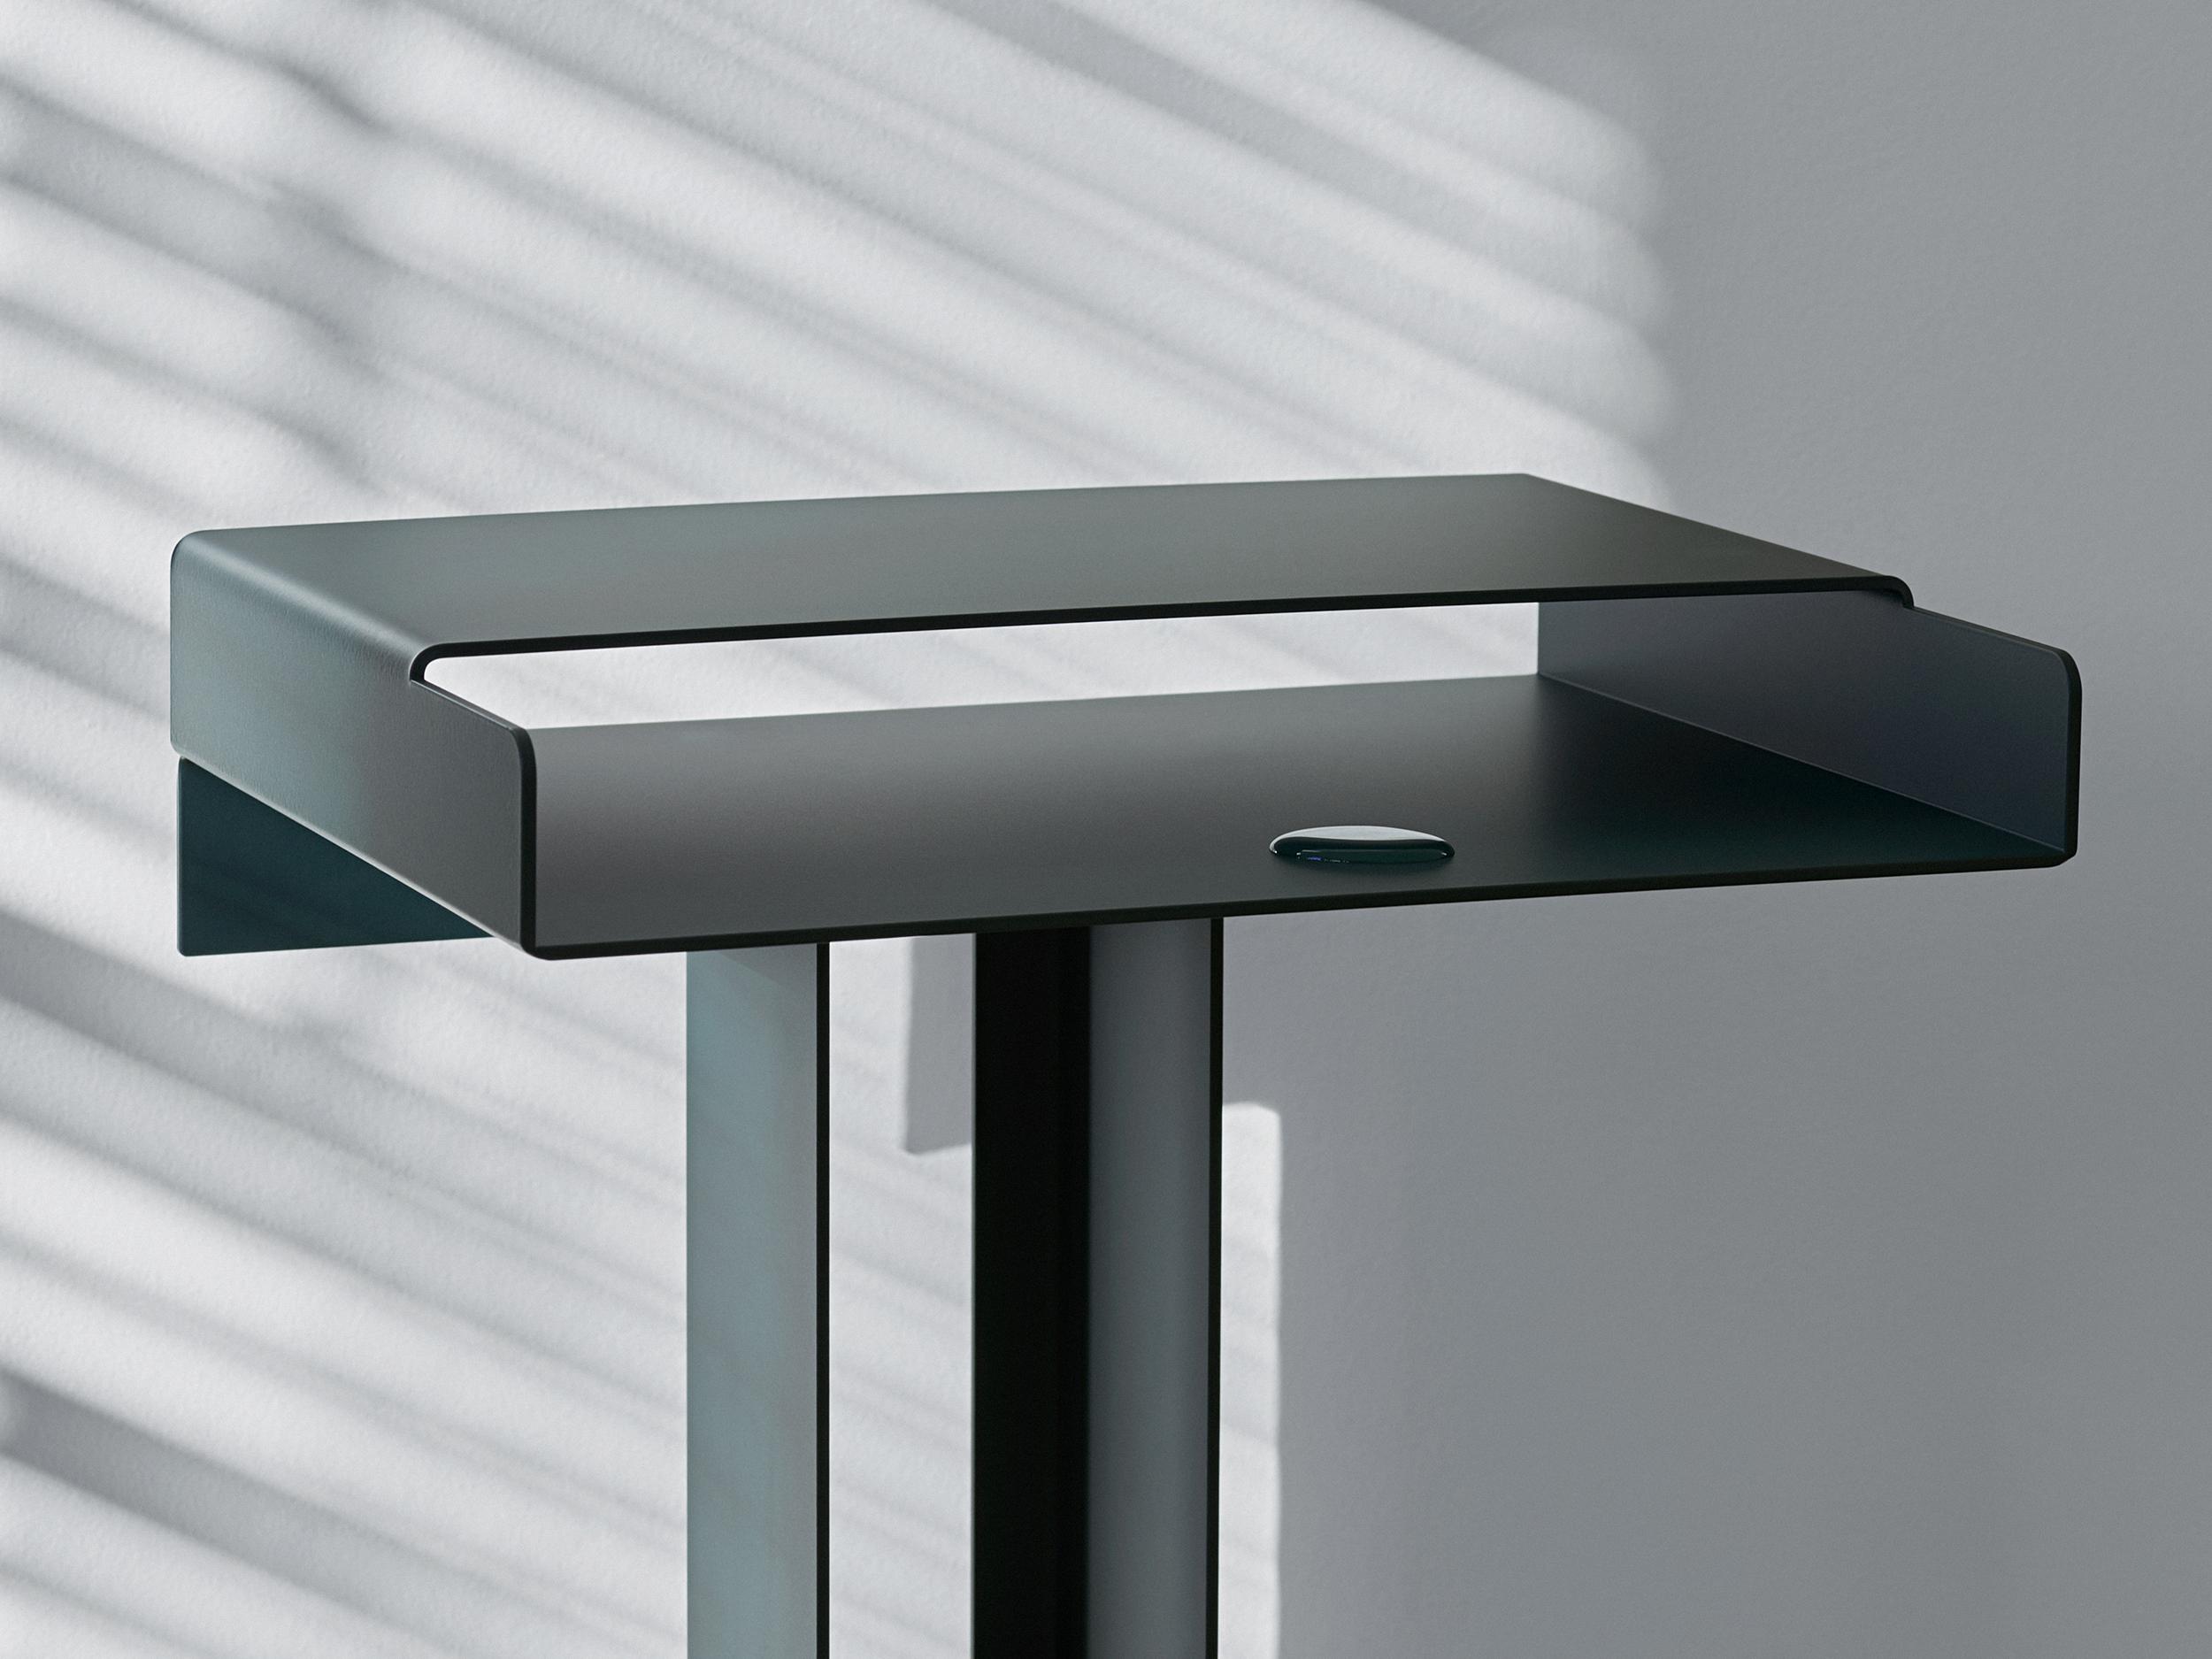 New-Tendency-Meta-Side-Table-Darkgreen-00007.jpg